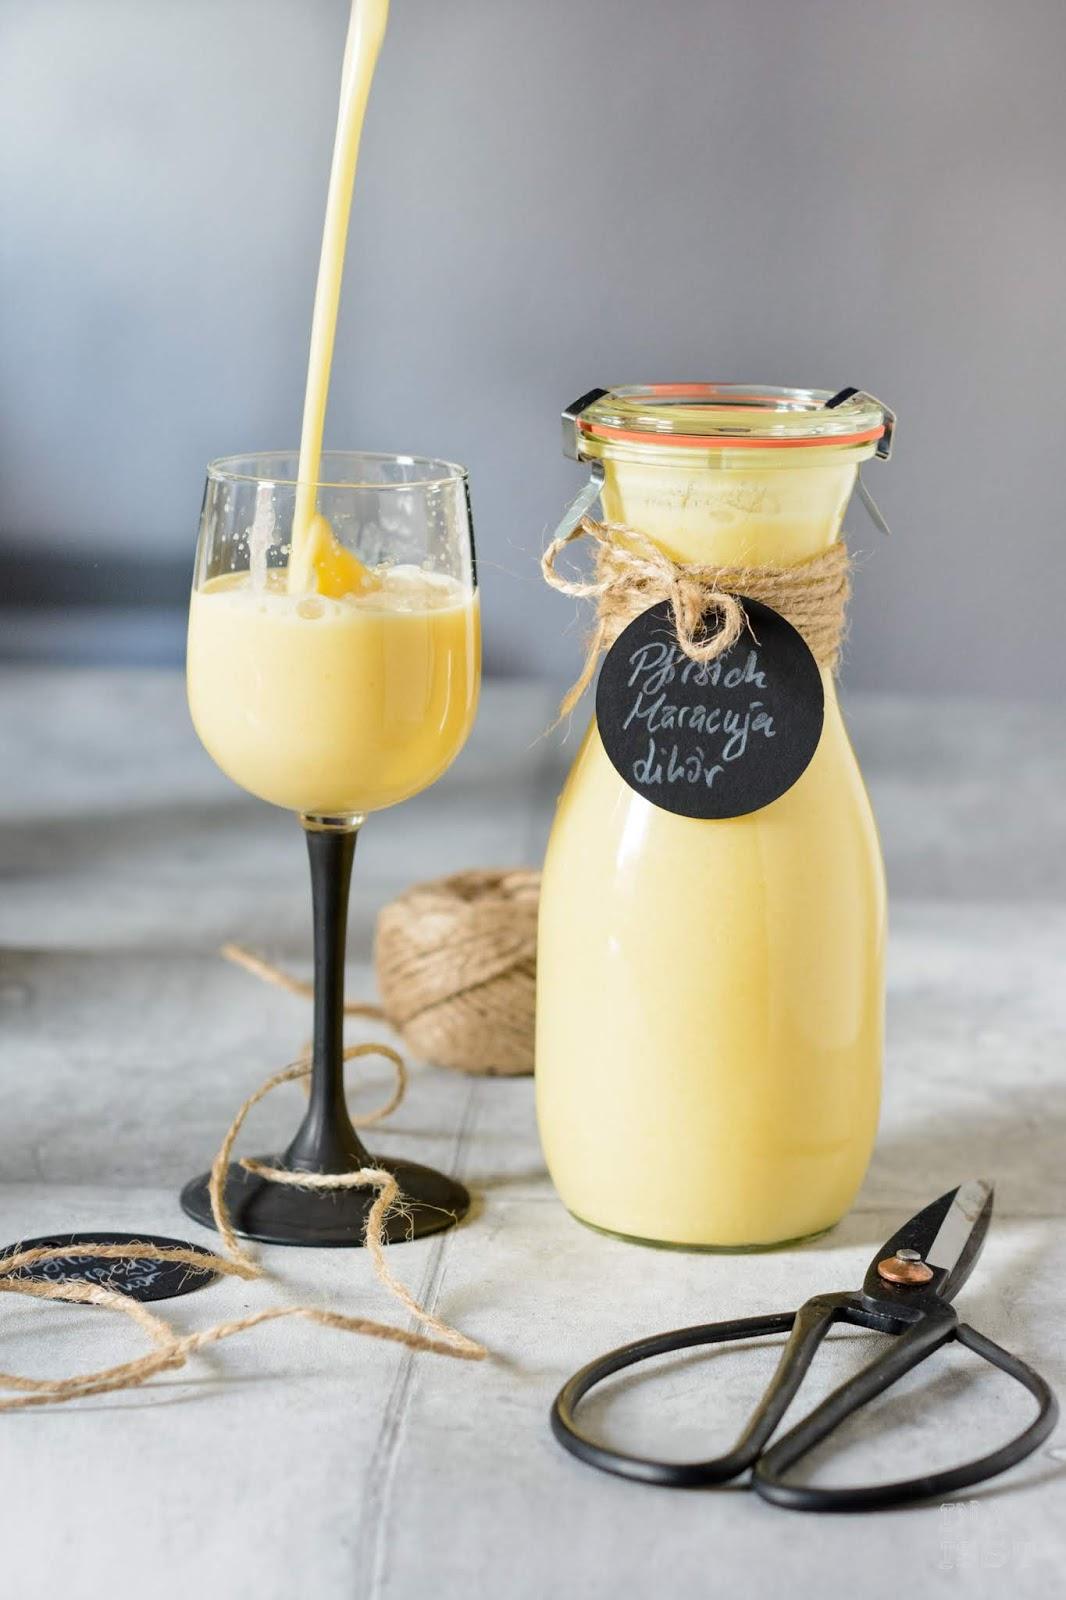 Rezept für Pfirsich Maracuja Likör mit Joghurt und Vanille